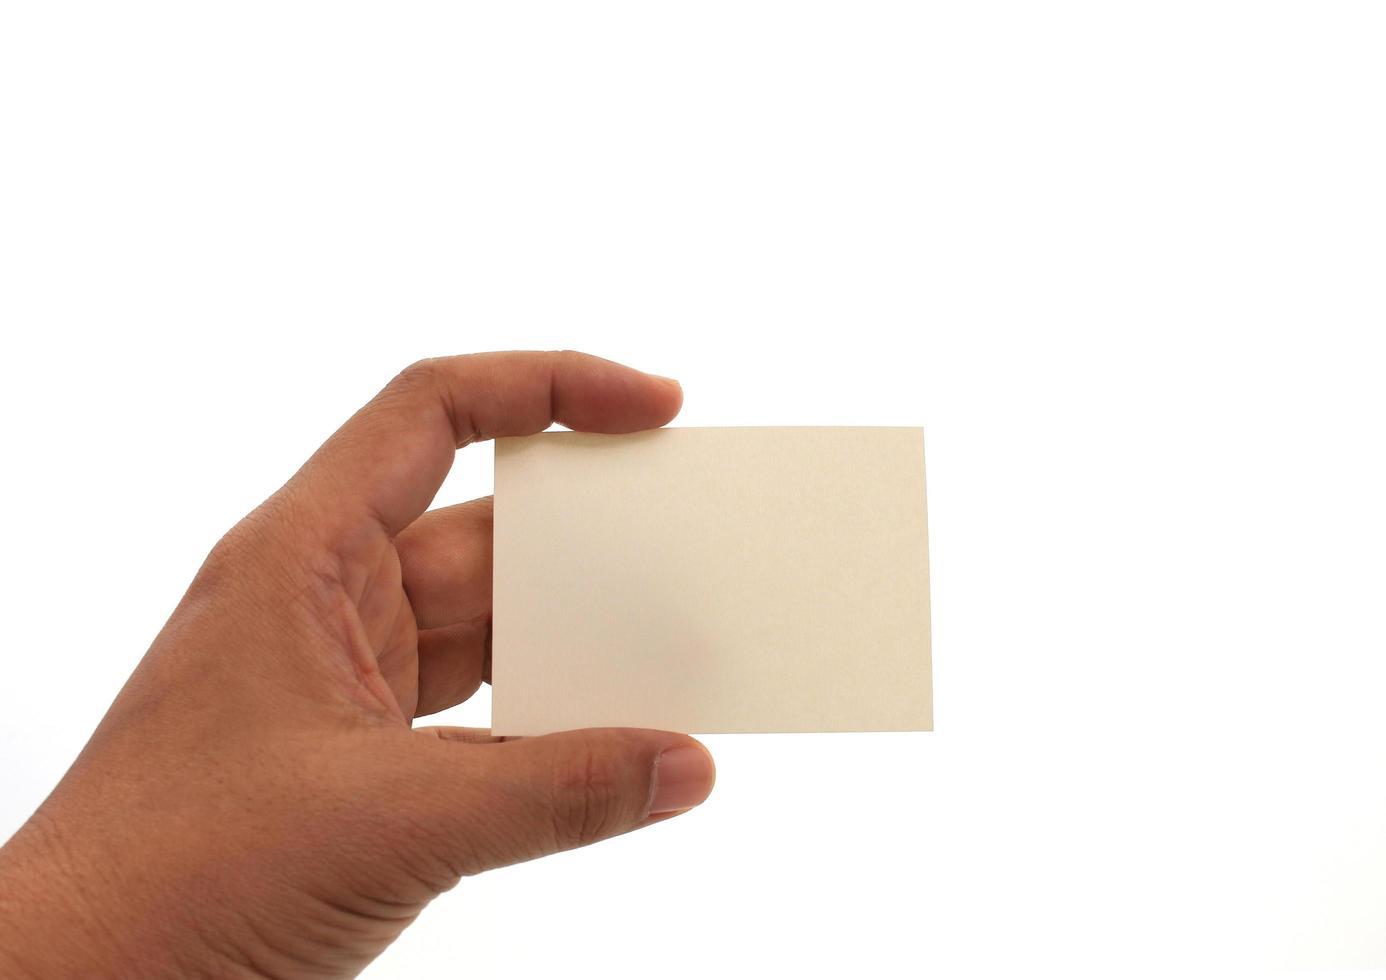 mão segurando um cartão de visita em branco foto